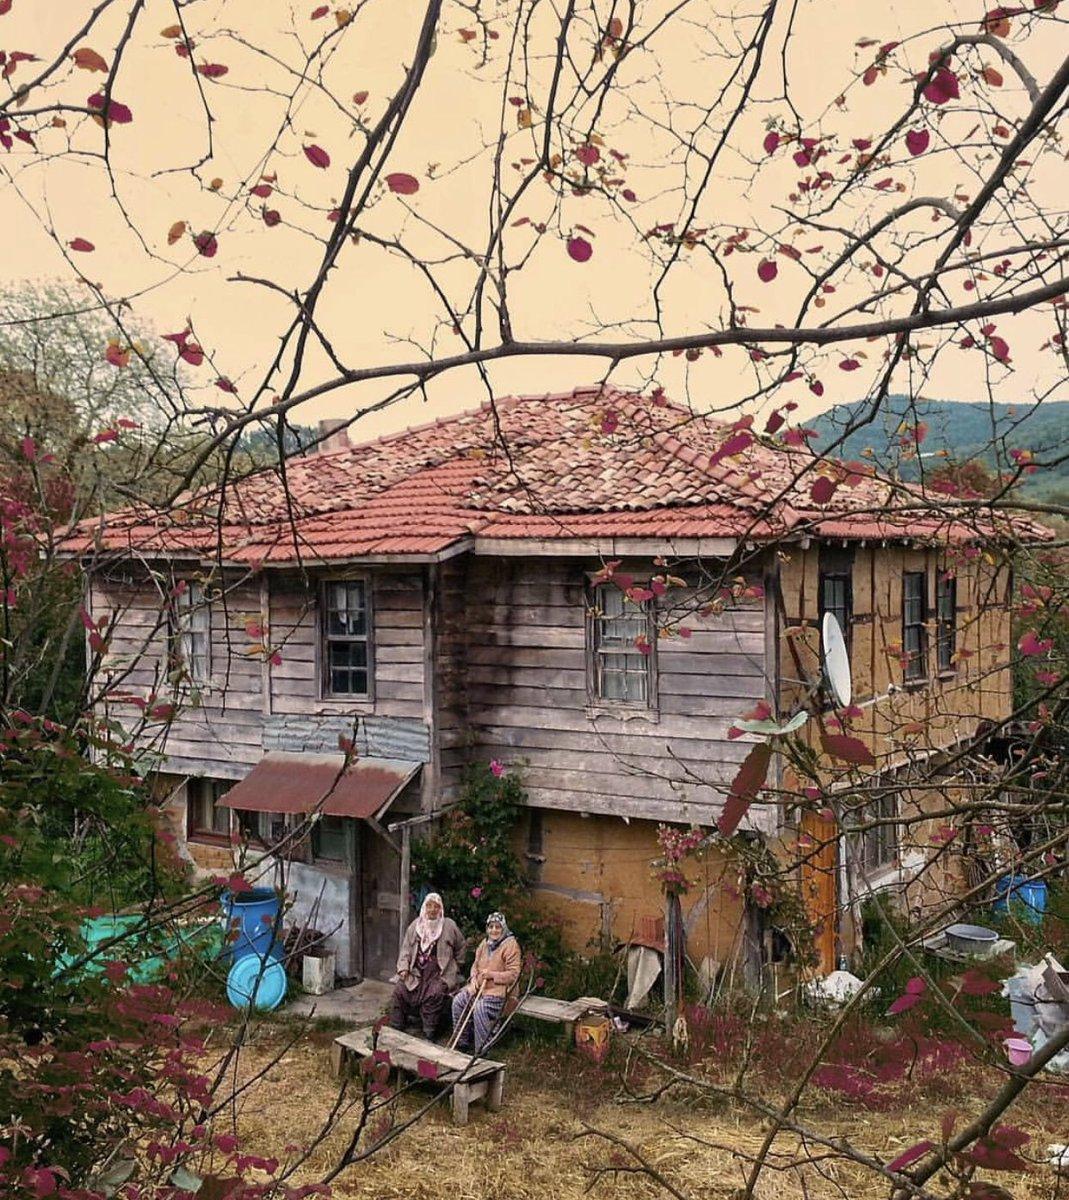 Şehirde böyle müstakil, Bahçeli, Yeşiller içinde dubleks bir evde oturabilmek için yaklaşık 7 milyon lira ödemeniz gerekmektedir.